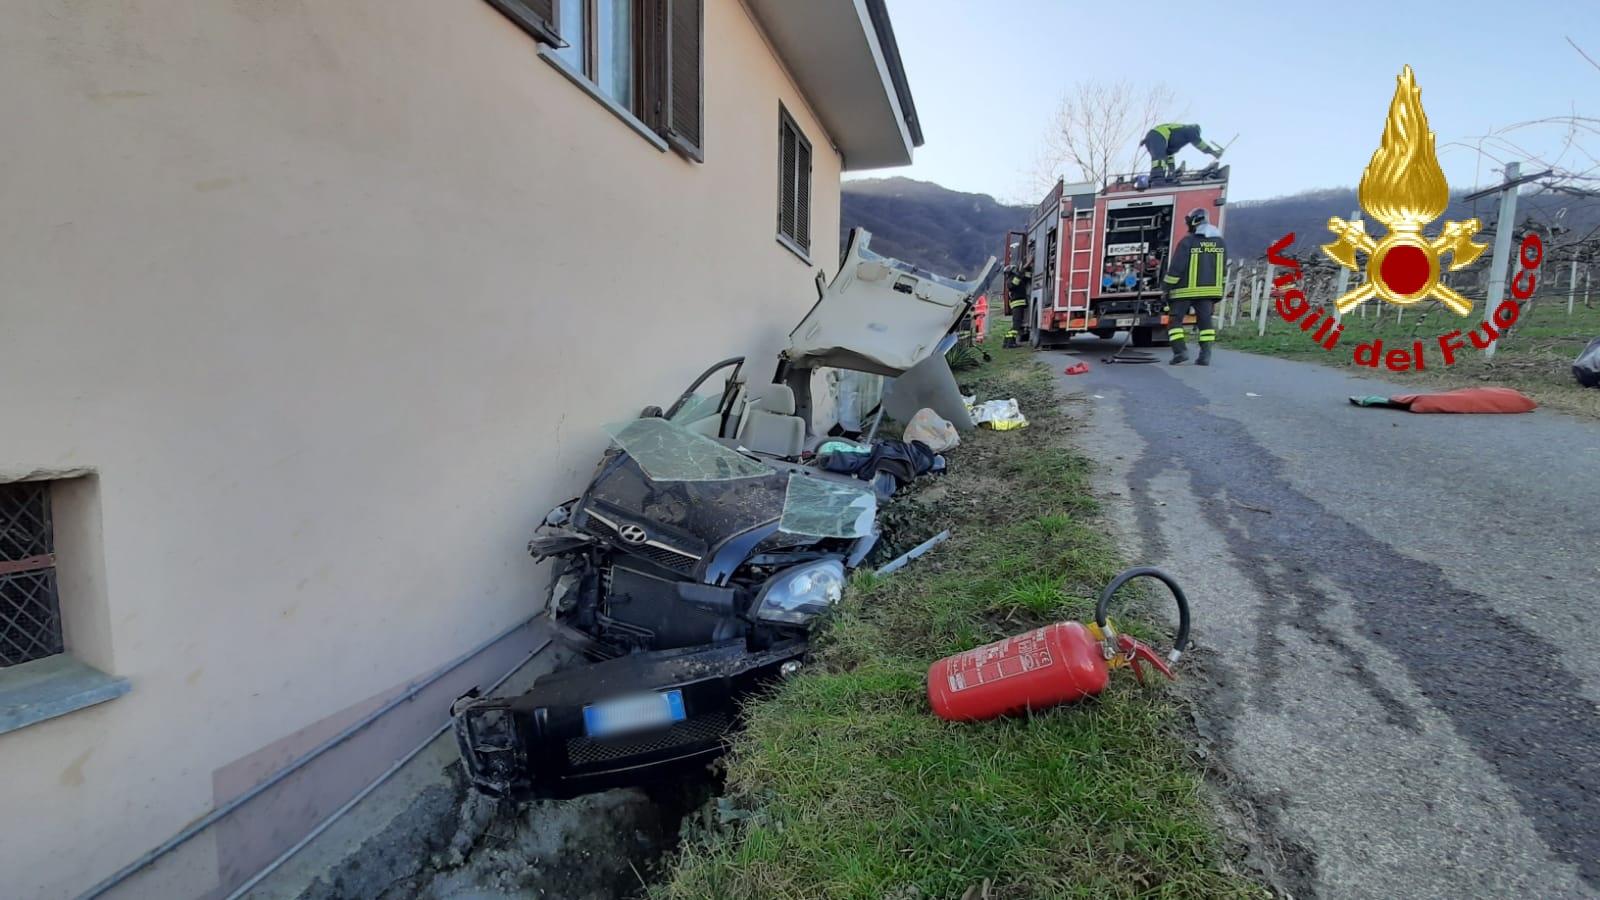 Incastrati nel fosso dopo l'incidente, auto aperta come una scatoletta per liberarli